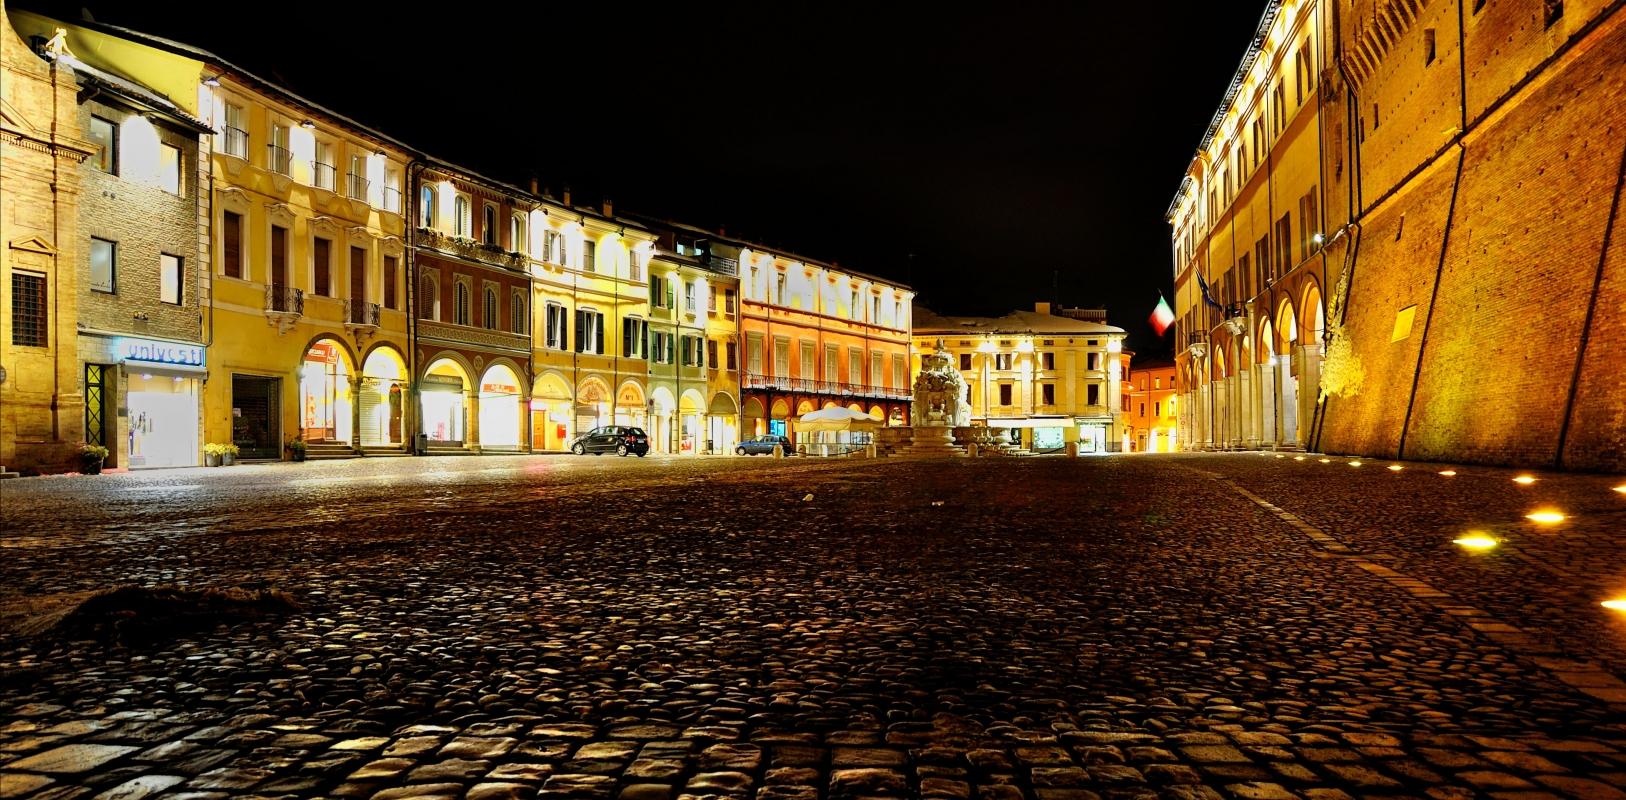 Piazza del Popolo di fianco al palazzo Albornoz - Masarot - Cesena (FC)